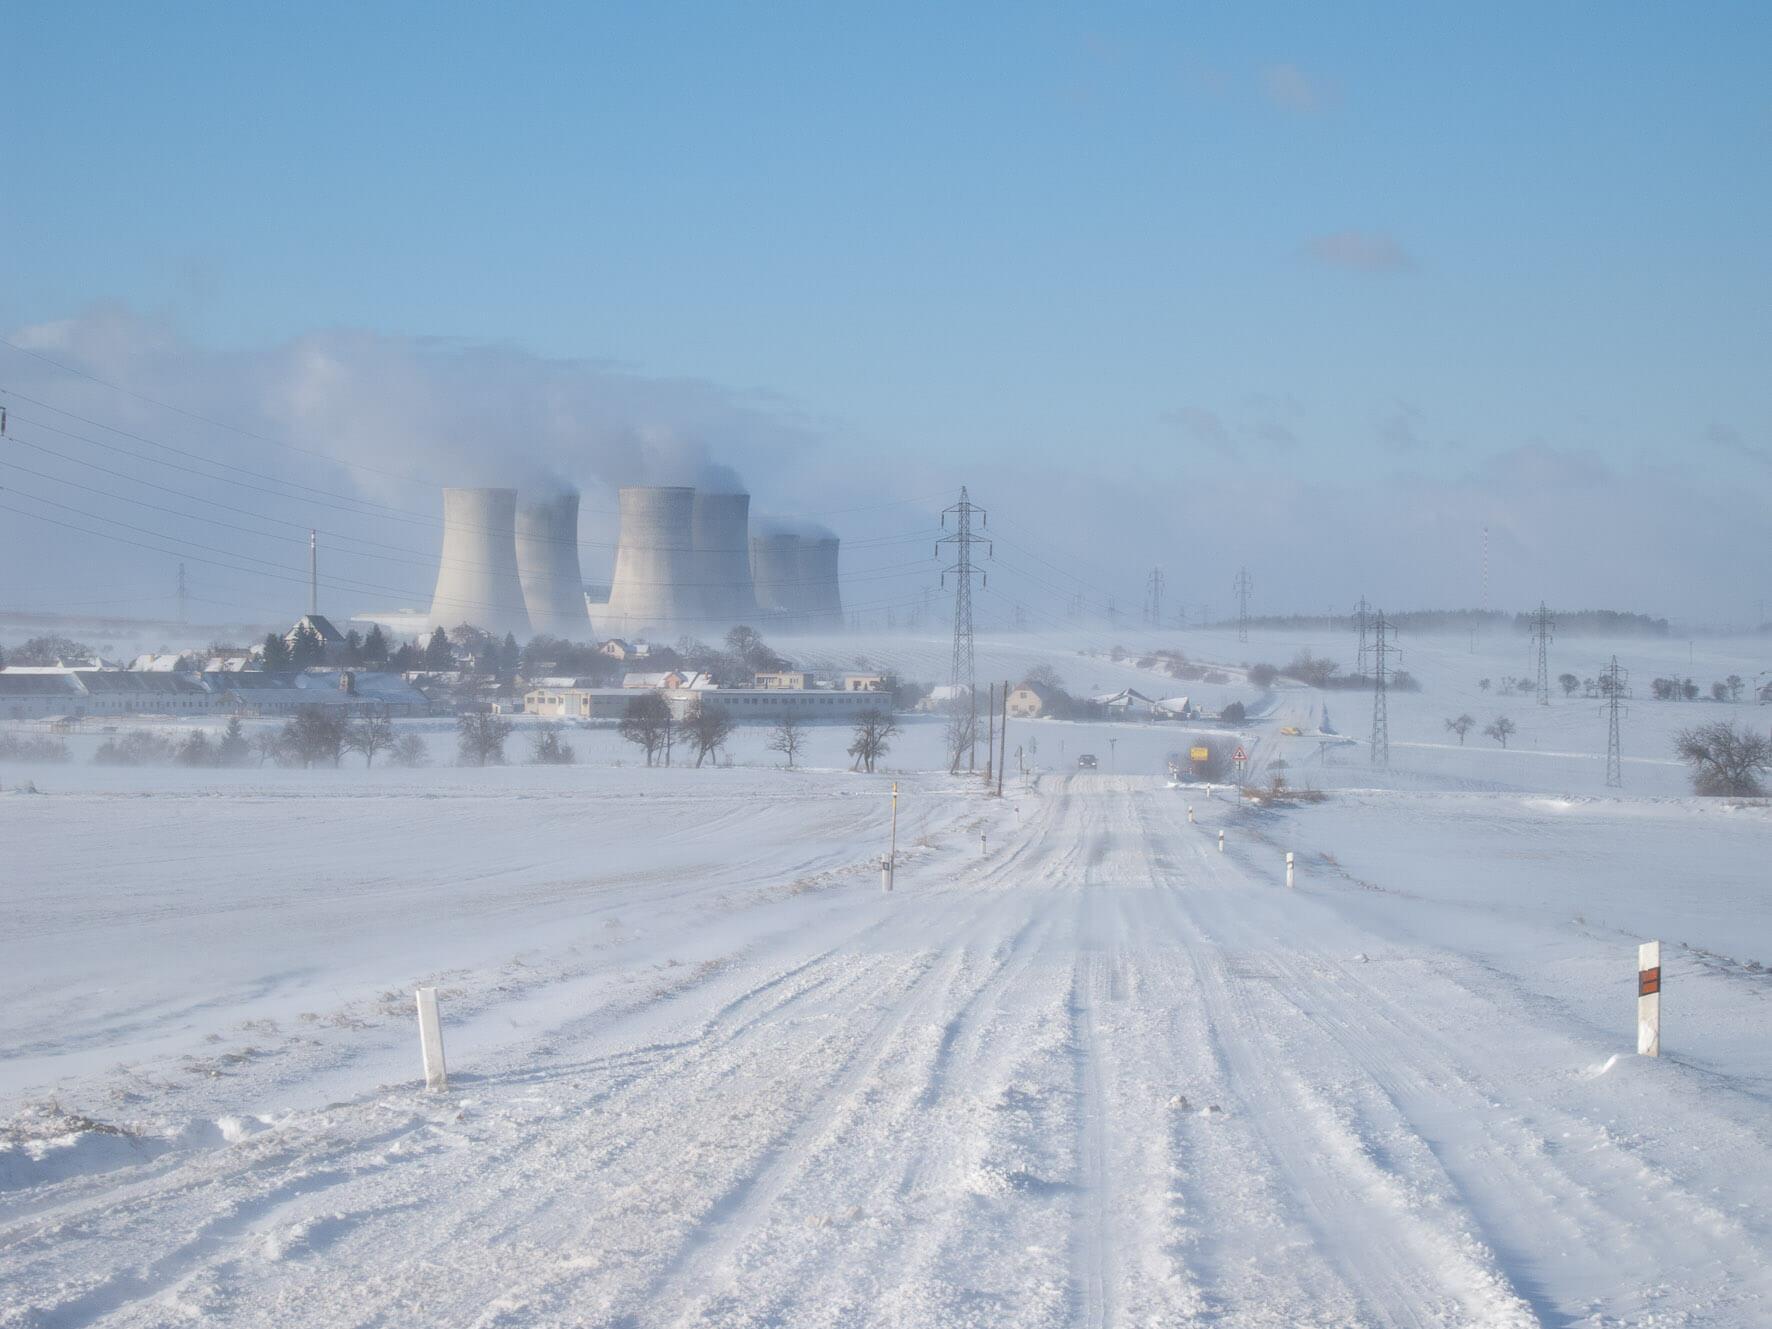 Provozovaným jaderným blokům se díky mrazivému počasí daří a vyrábí více elektrické energie; Zdroj: Archiv EDU